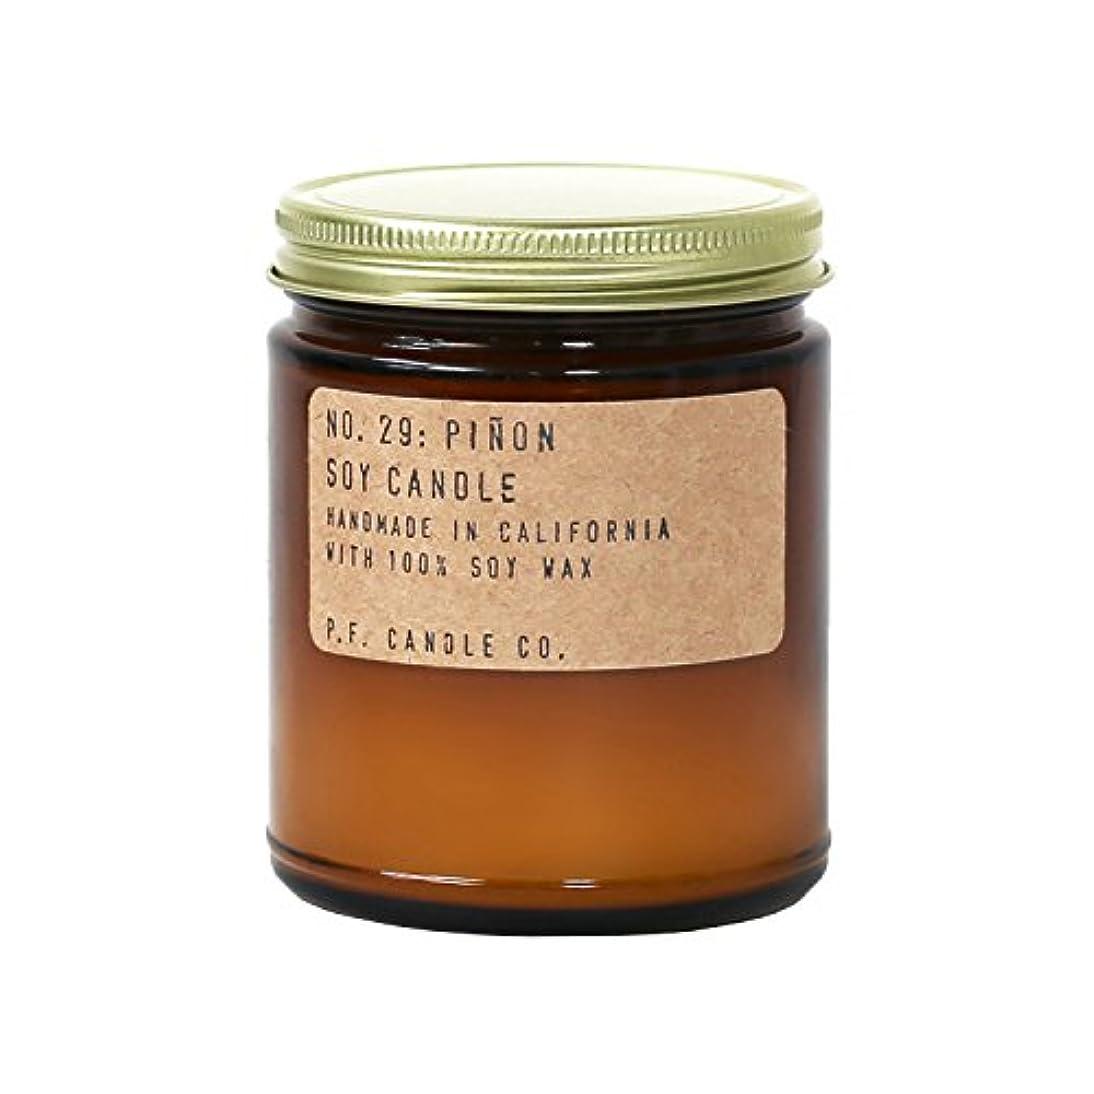 ダッシュフィドルポテトp.f. Candle Co。 – No。29 : Piñon Soy Candle 7.2 oz